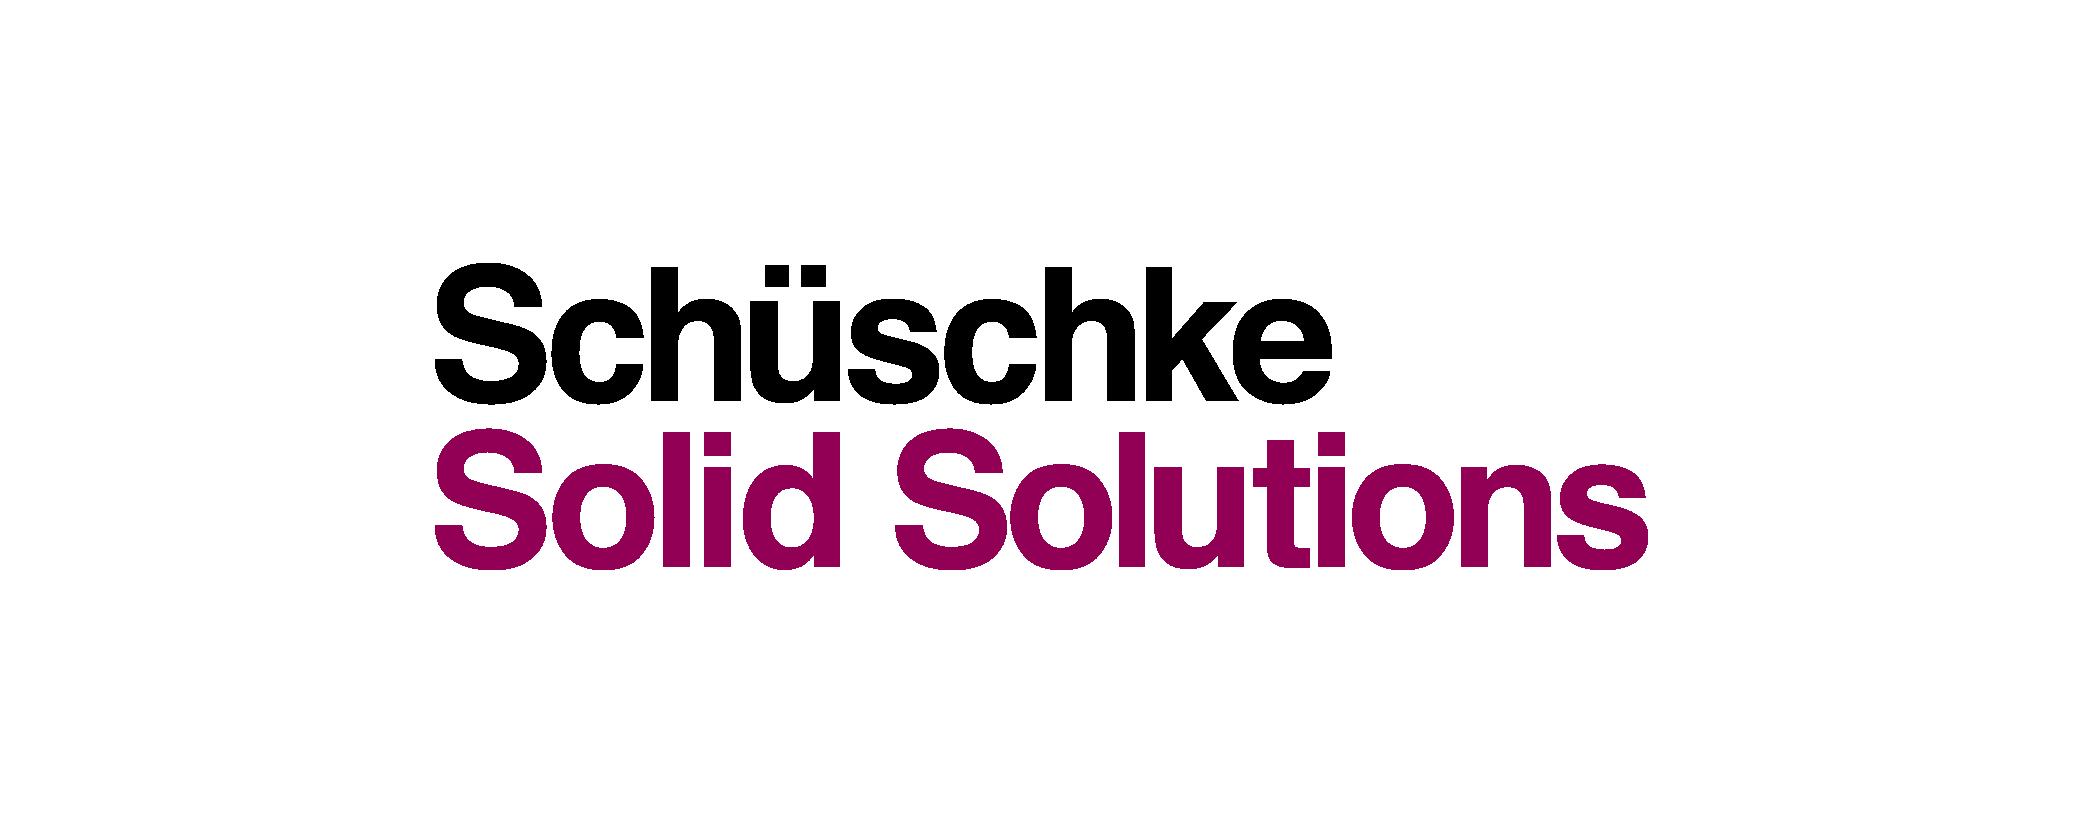 Schüschke Solid Solutions